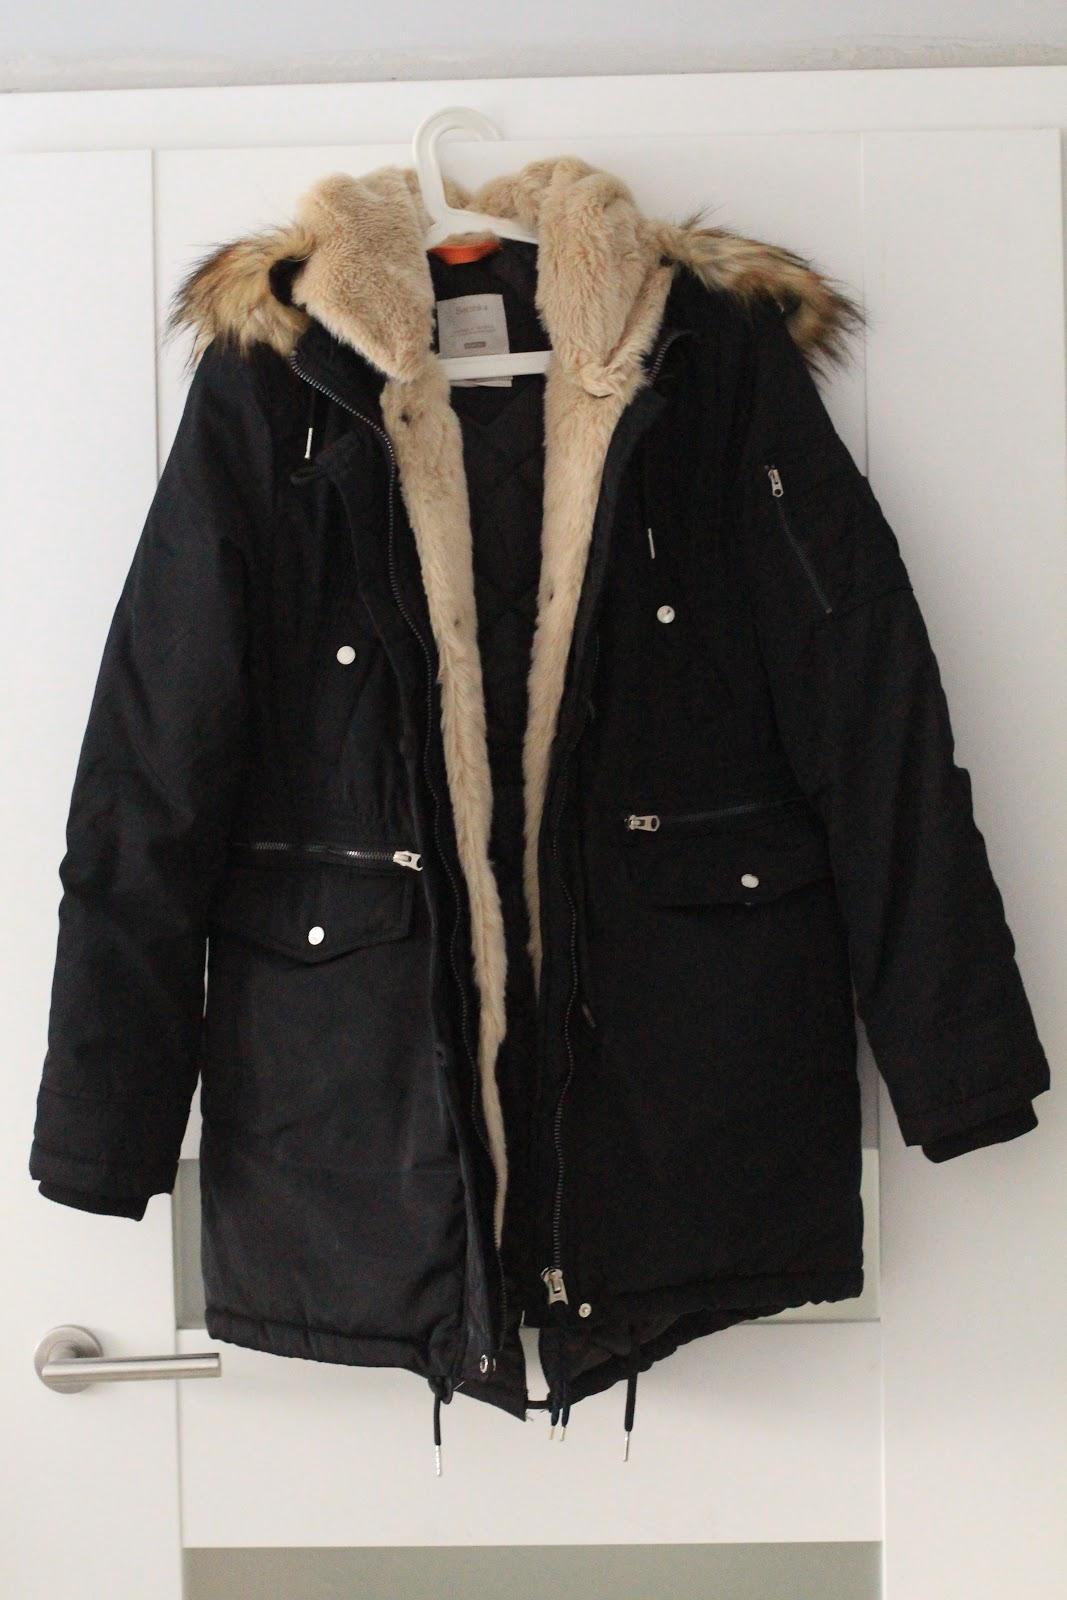 e9997eb5d0 I Ostatni a tak naprawdę jeden z pierwszych zakupów to kurtka Bershka.  Polowałam na nią od października kiedy to kosztowała 270 zł.